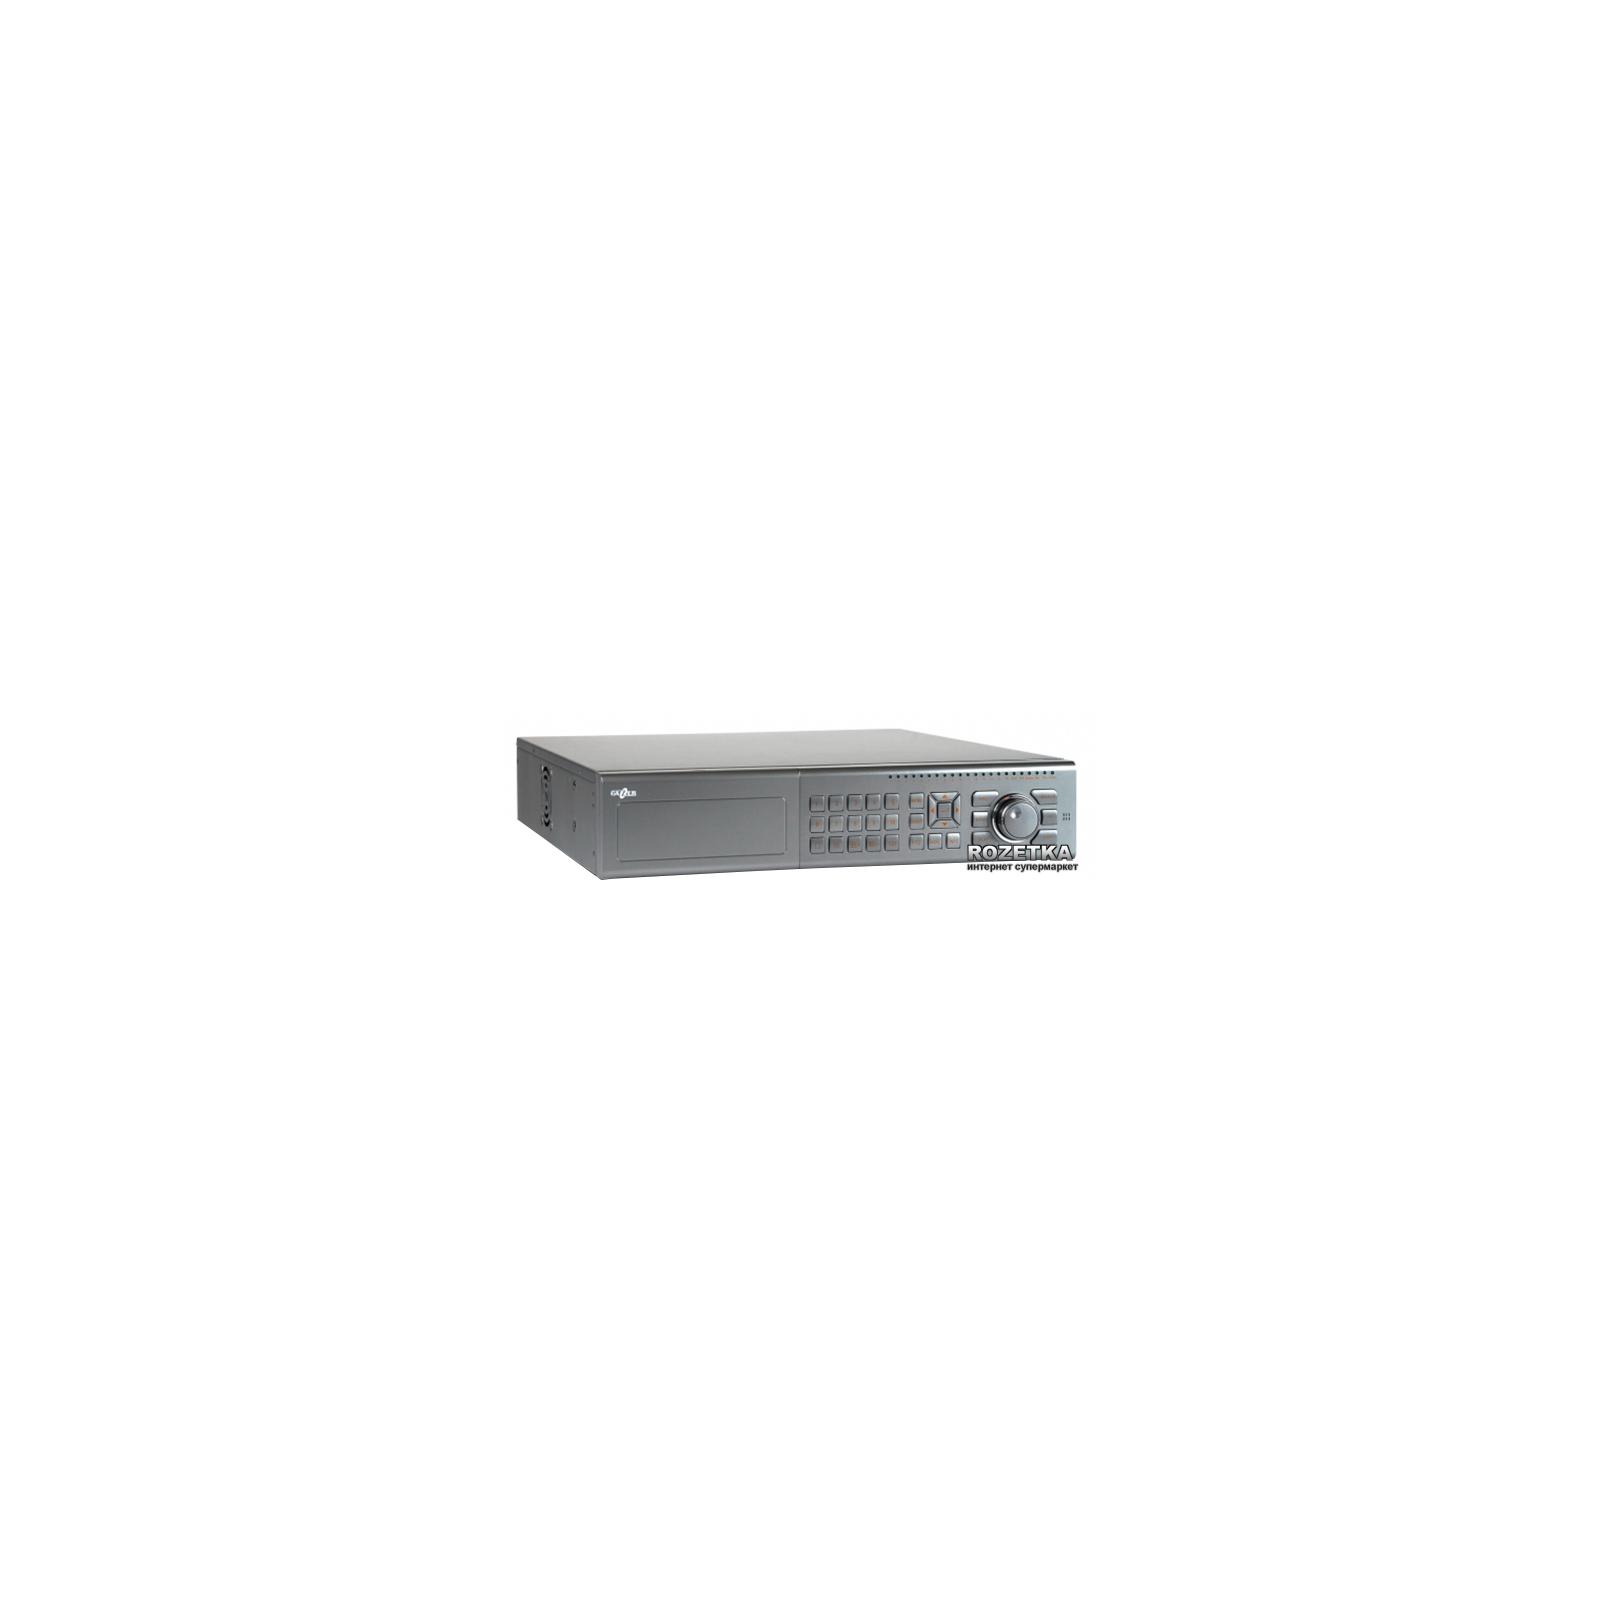 Регистратор для видеонаблюдения Gazer NS2232r изображение 2